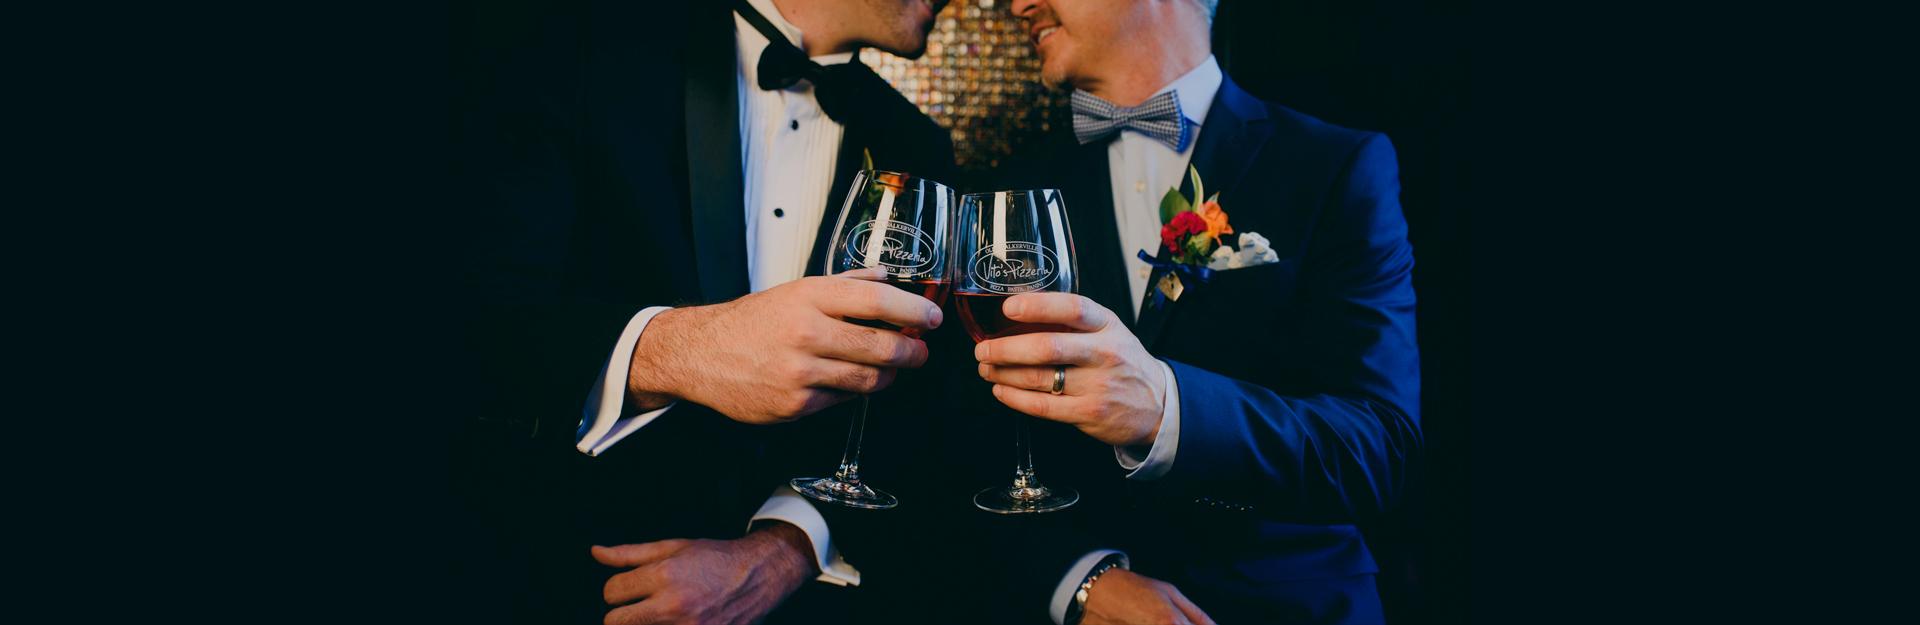 two men clinking glasses